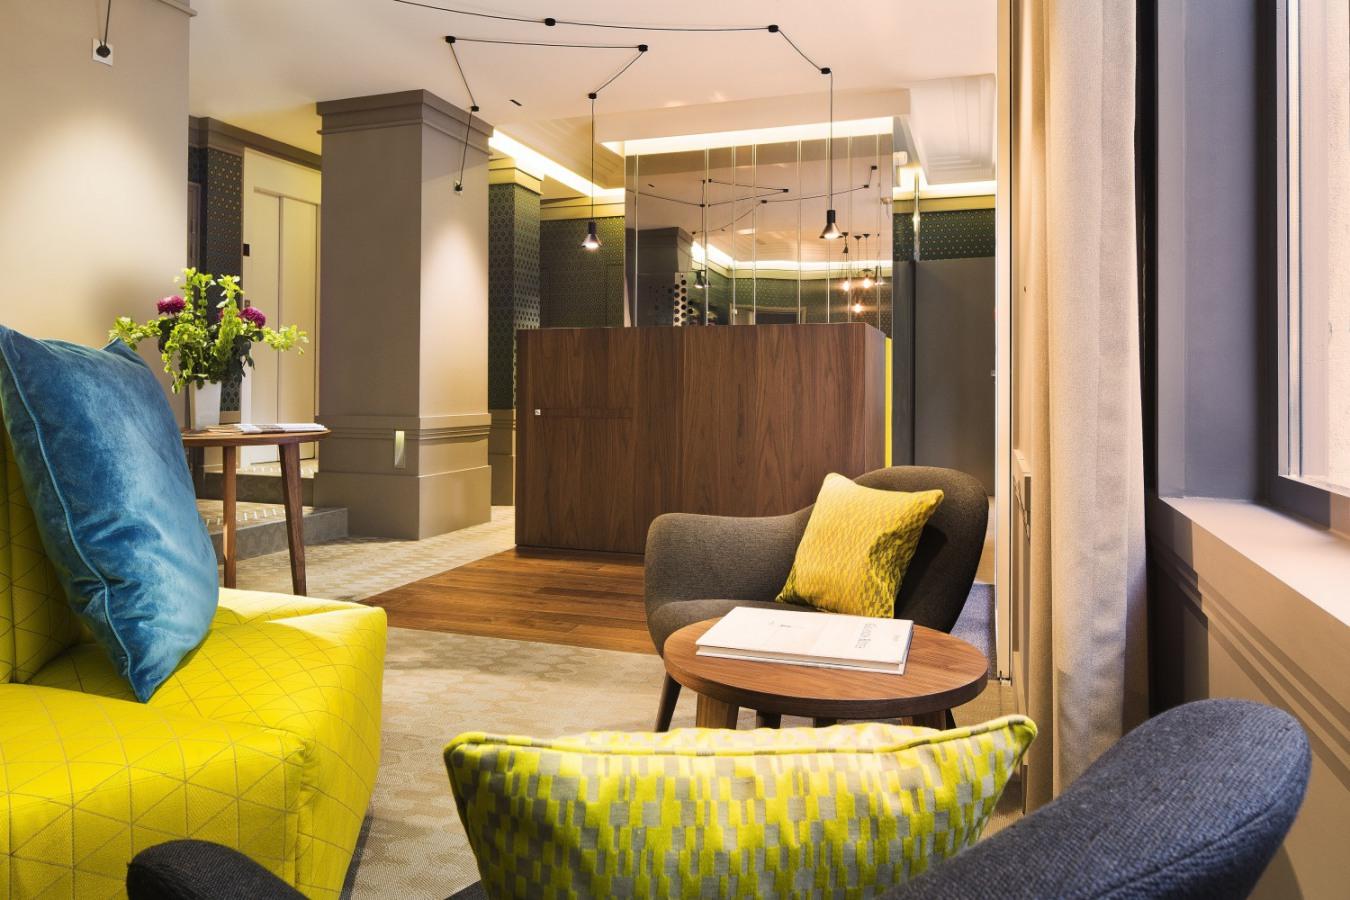 Hotel Sophie Germain - Home